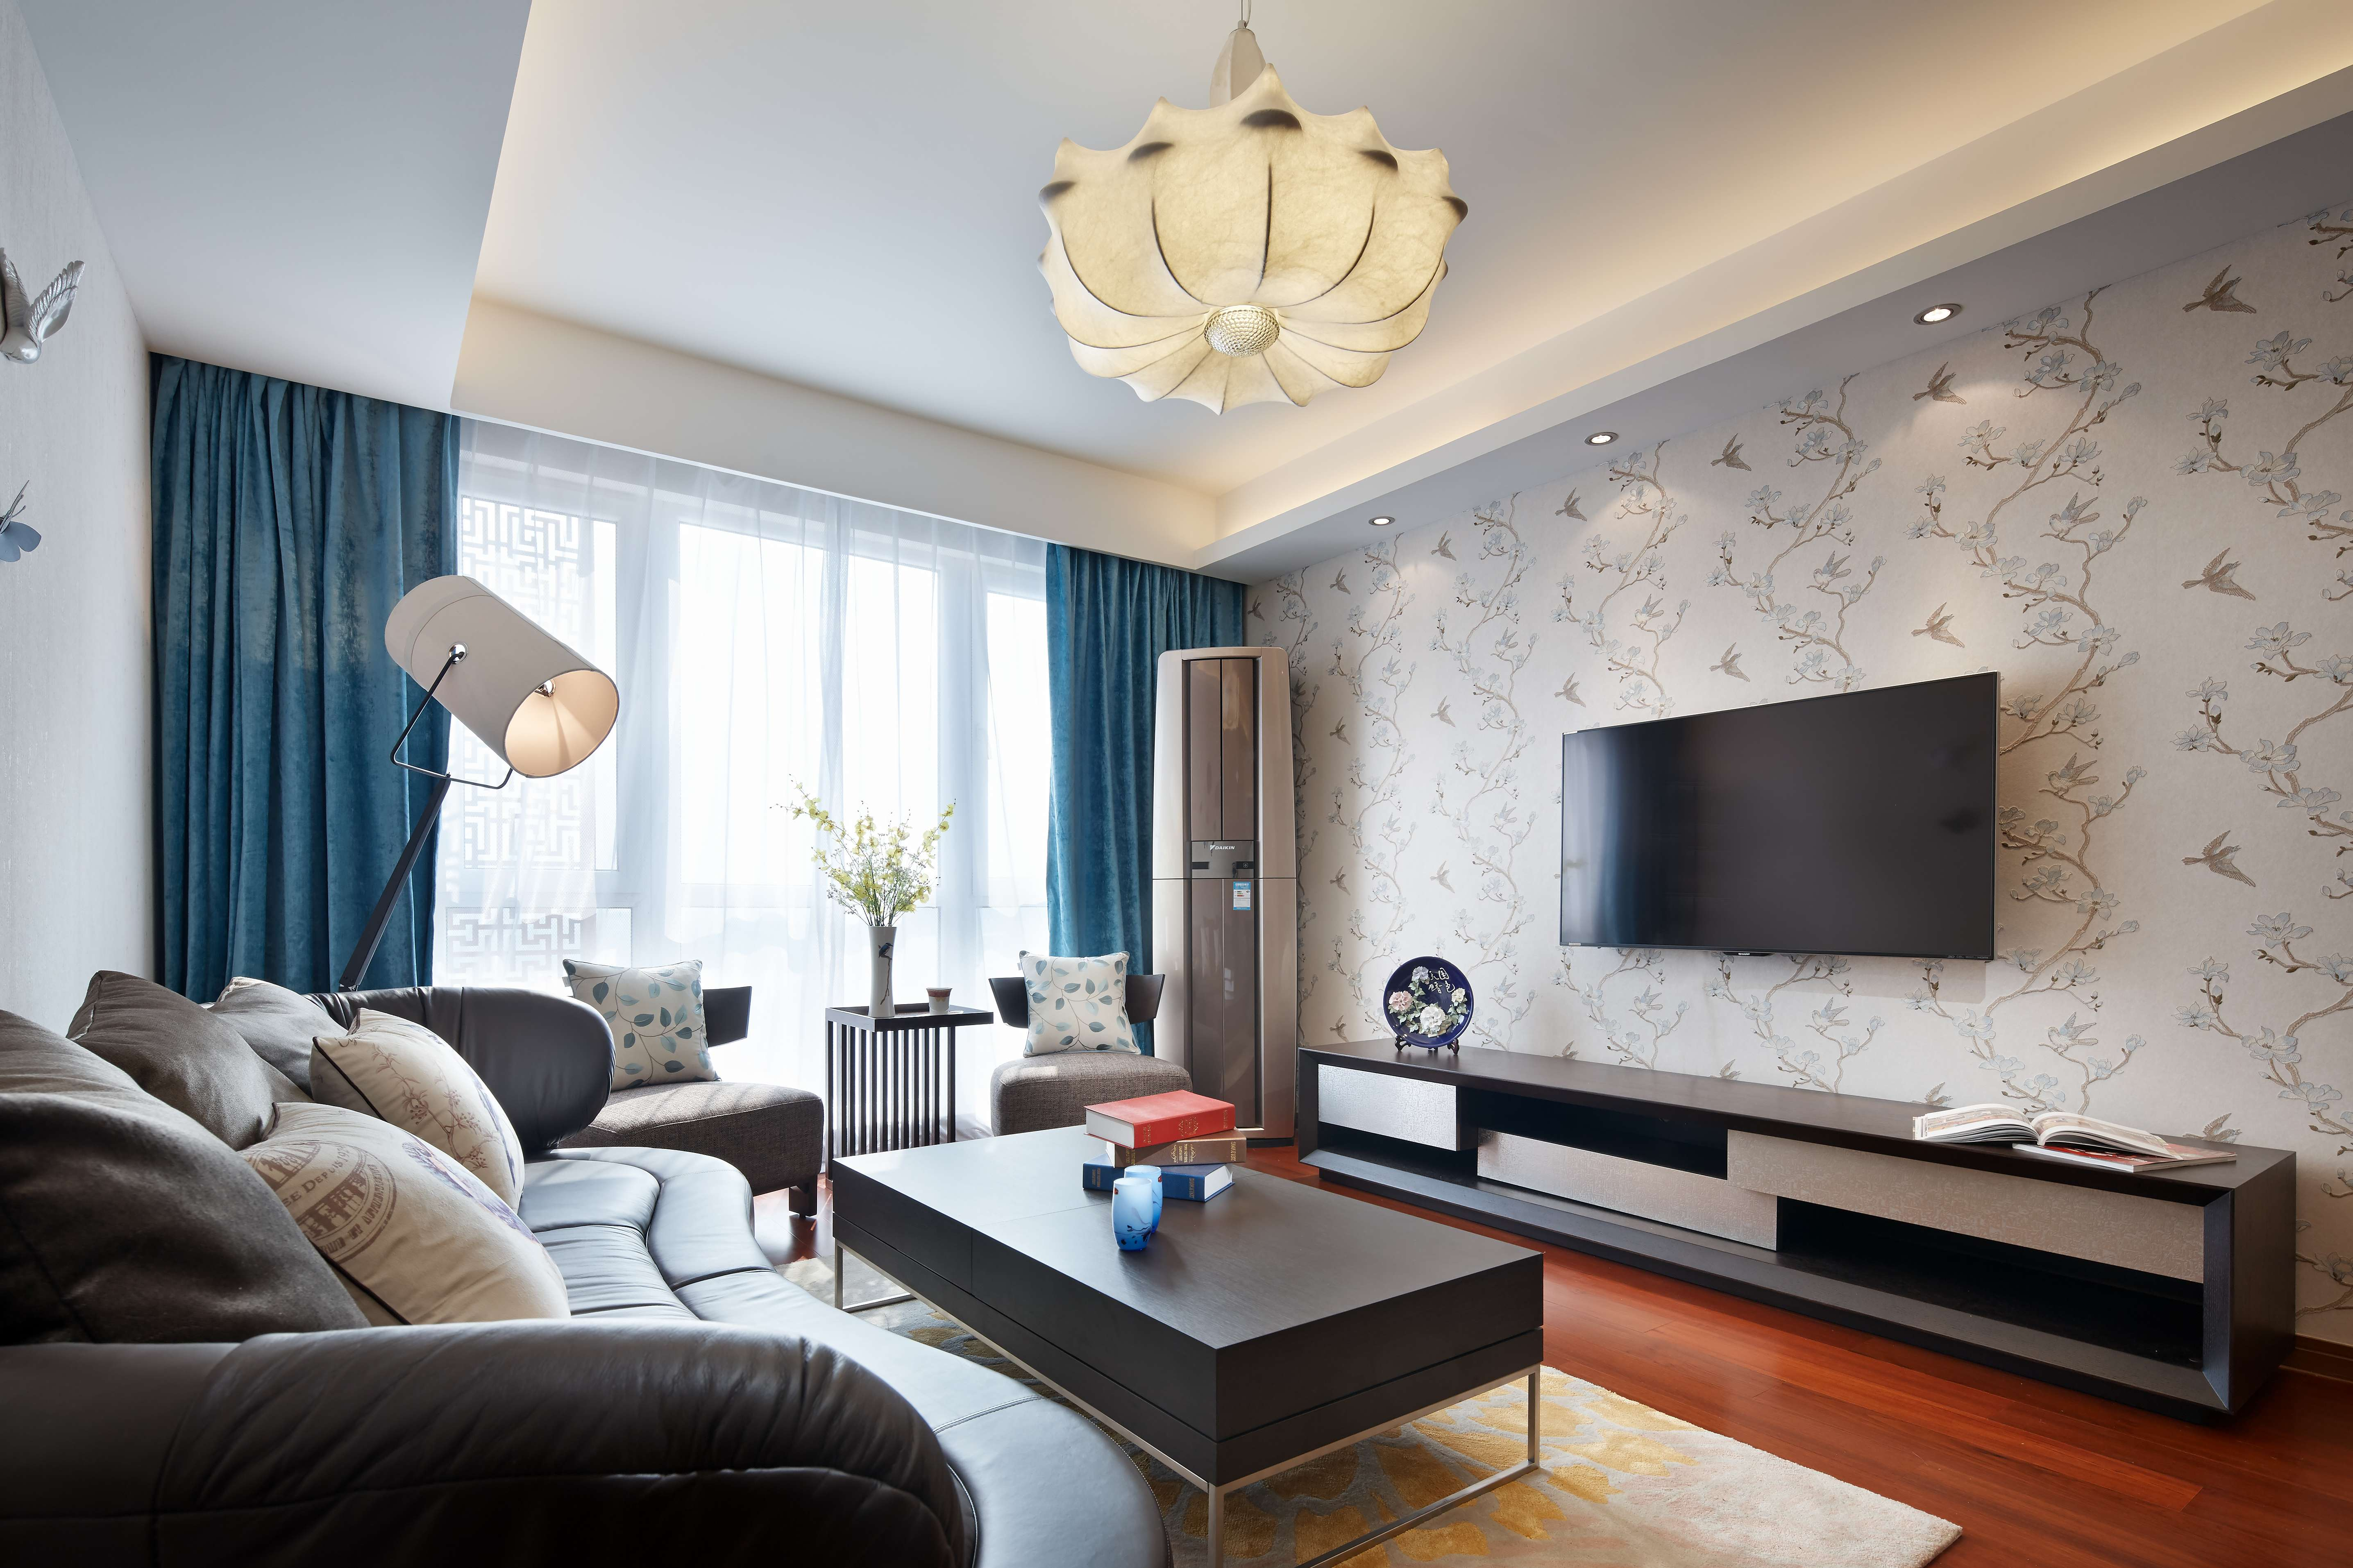 现代简中式三居客厅装修效果图